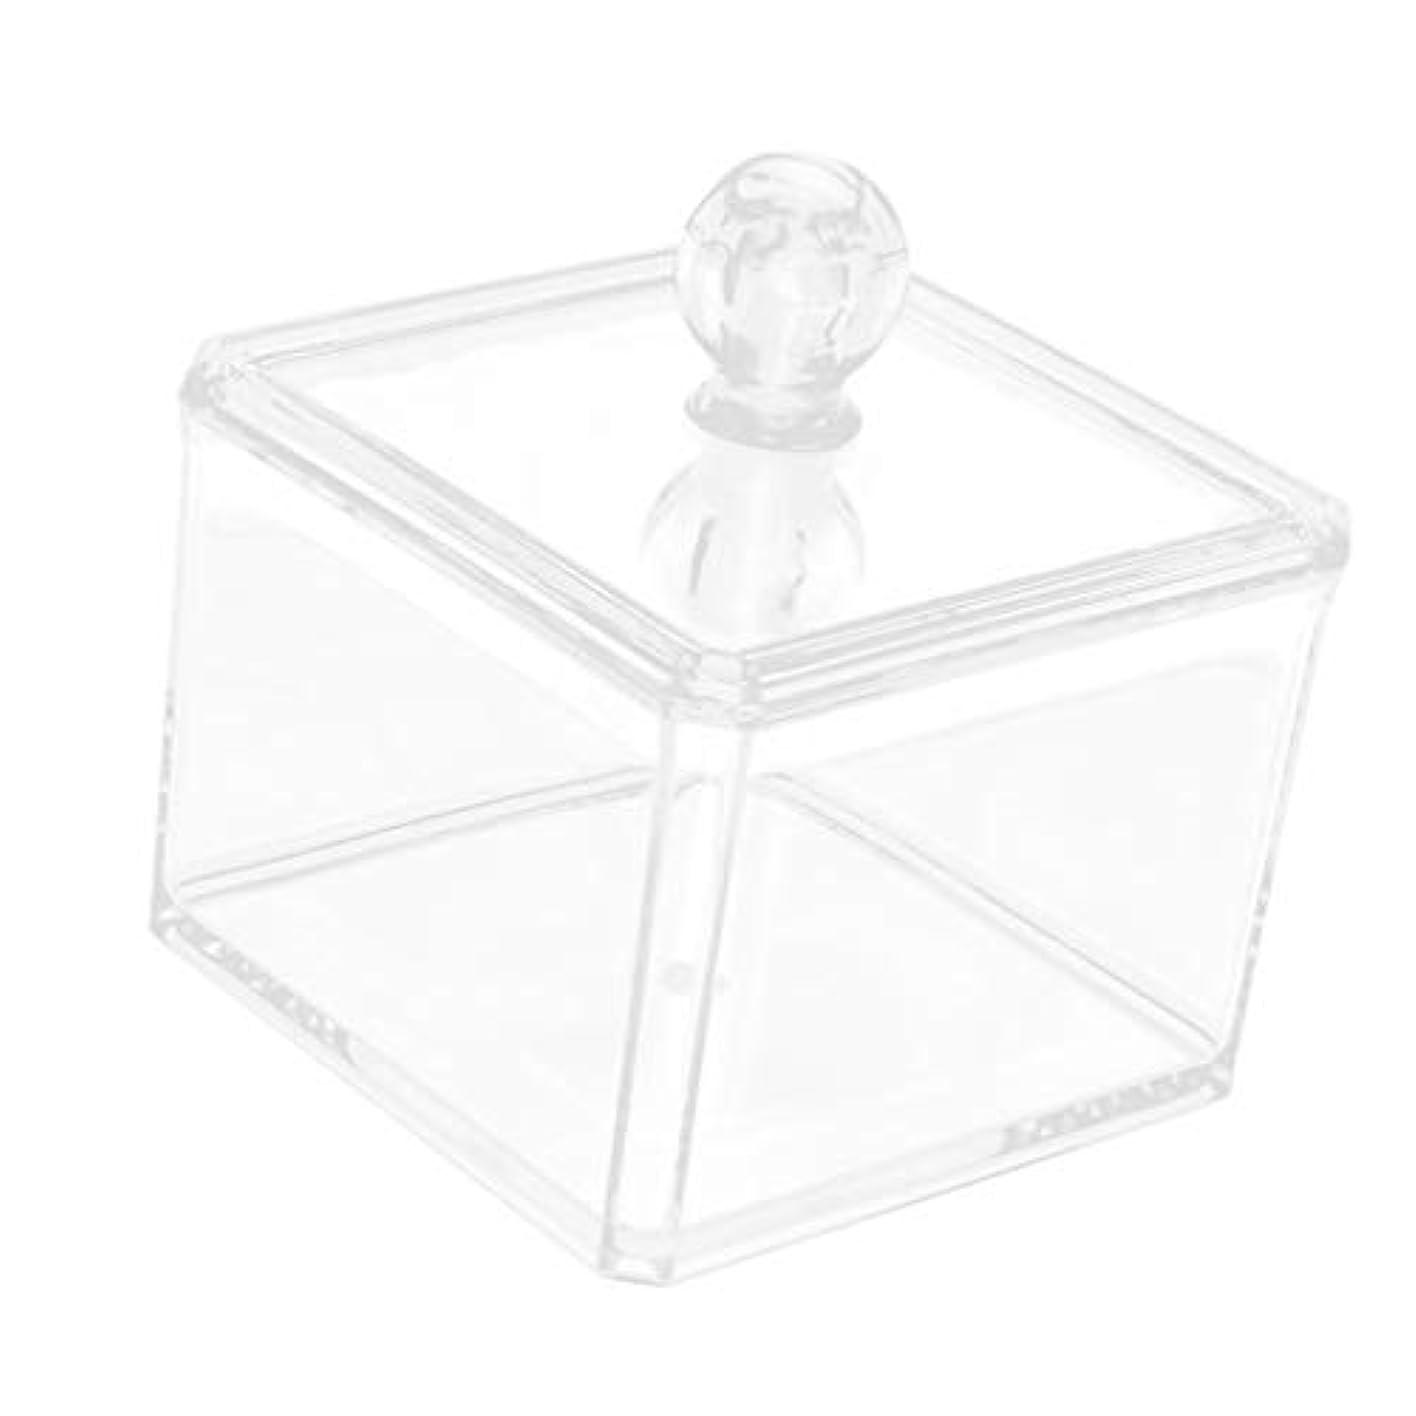 不格好負荷阻害する収納ケース クリア 小物入り 綿棒 化粧パッド 収納ボックス オーガナイザー 2サイズ選べ - 9.4x7cm